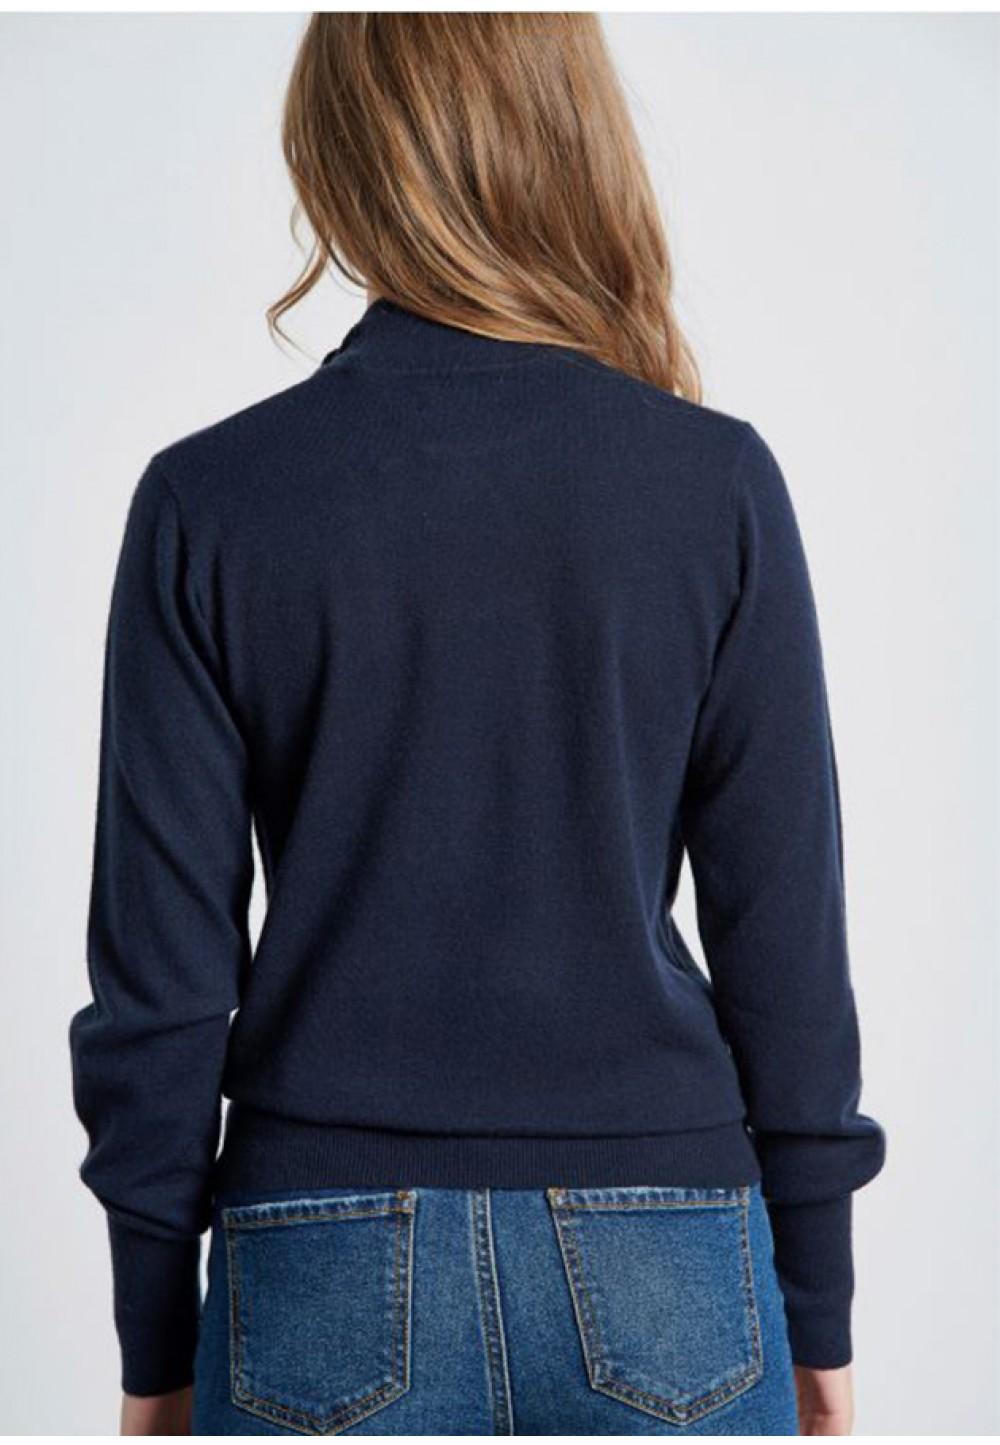 Синій жіночий гольф із зав'язками на комірі-стійці